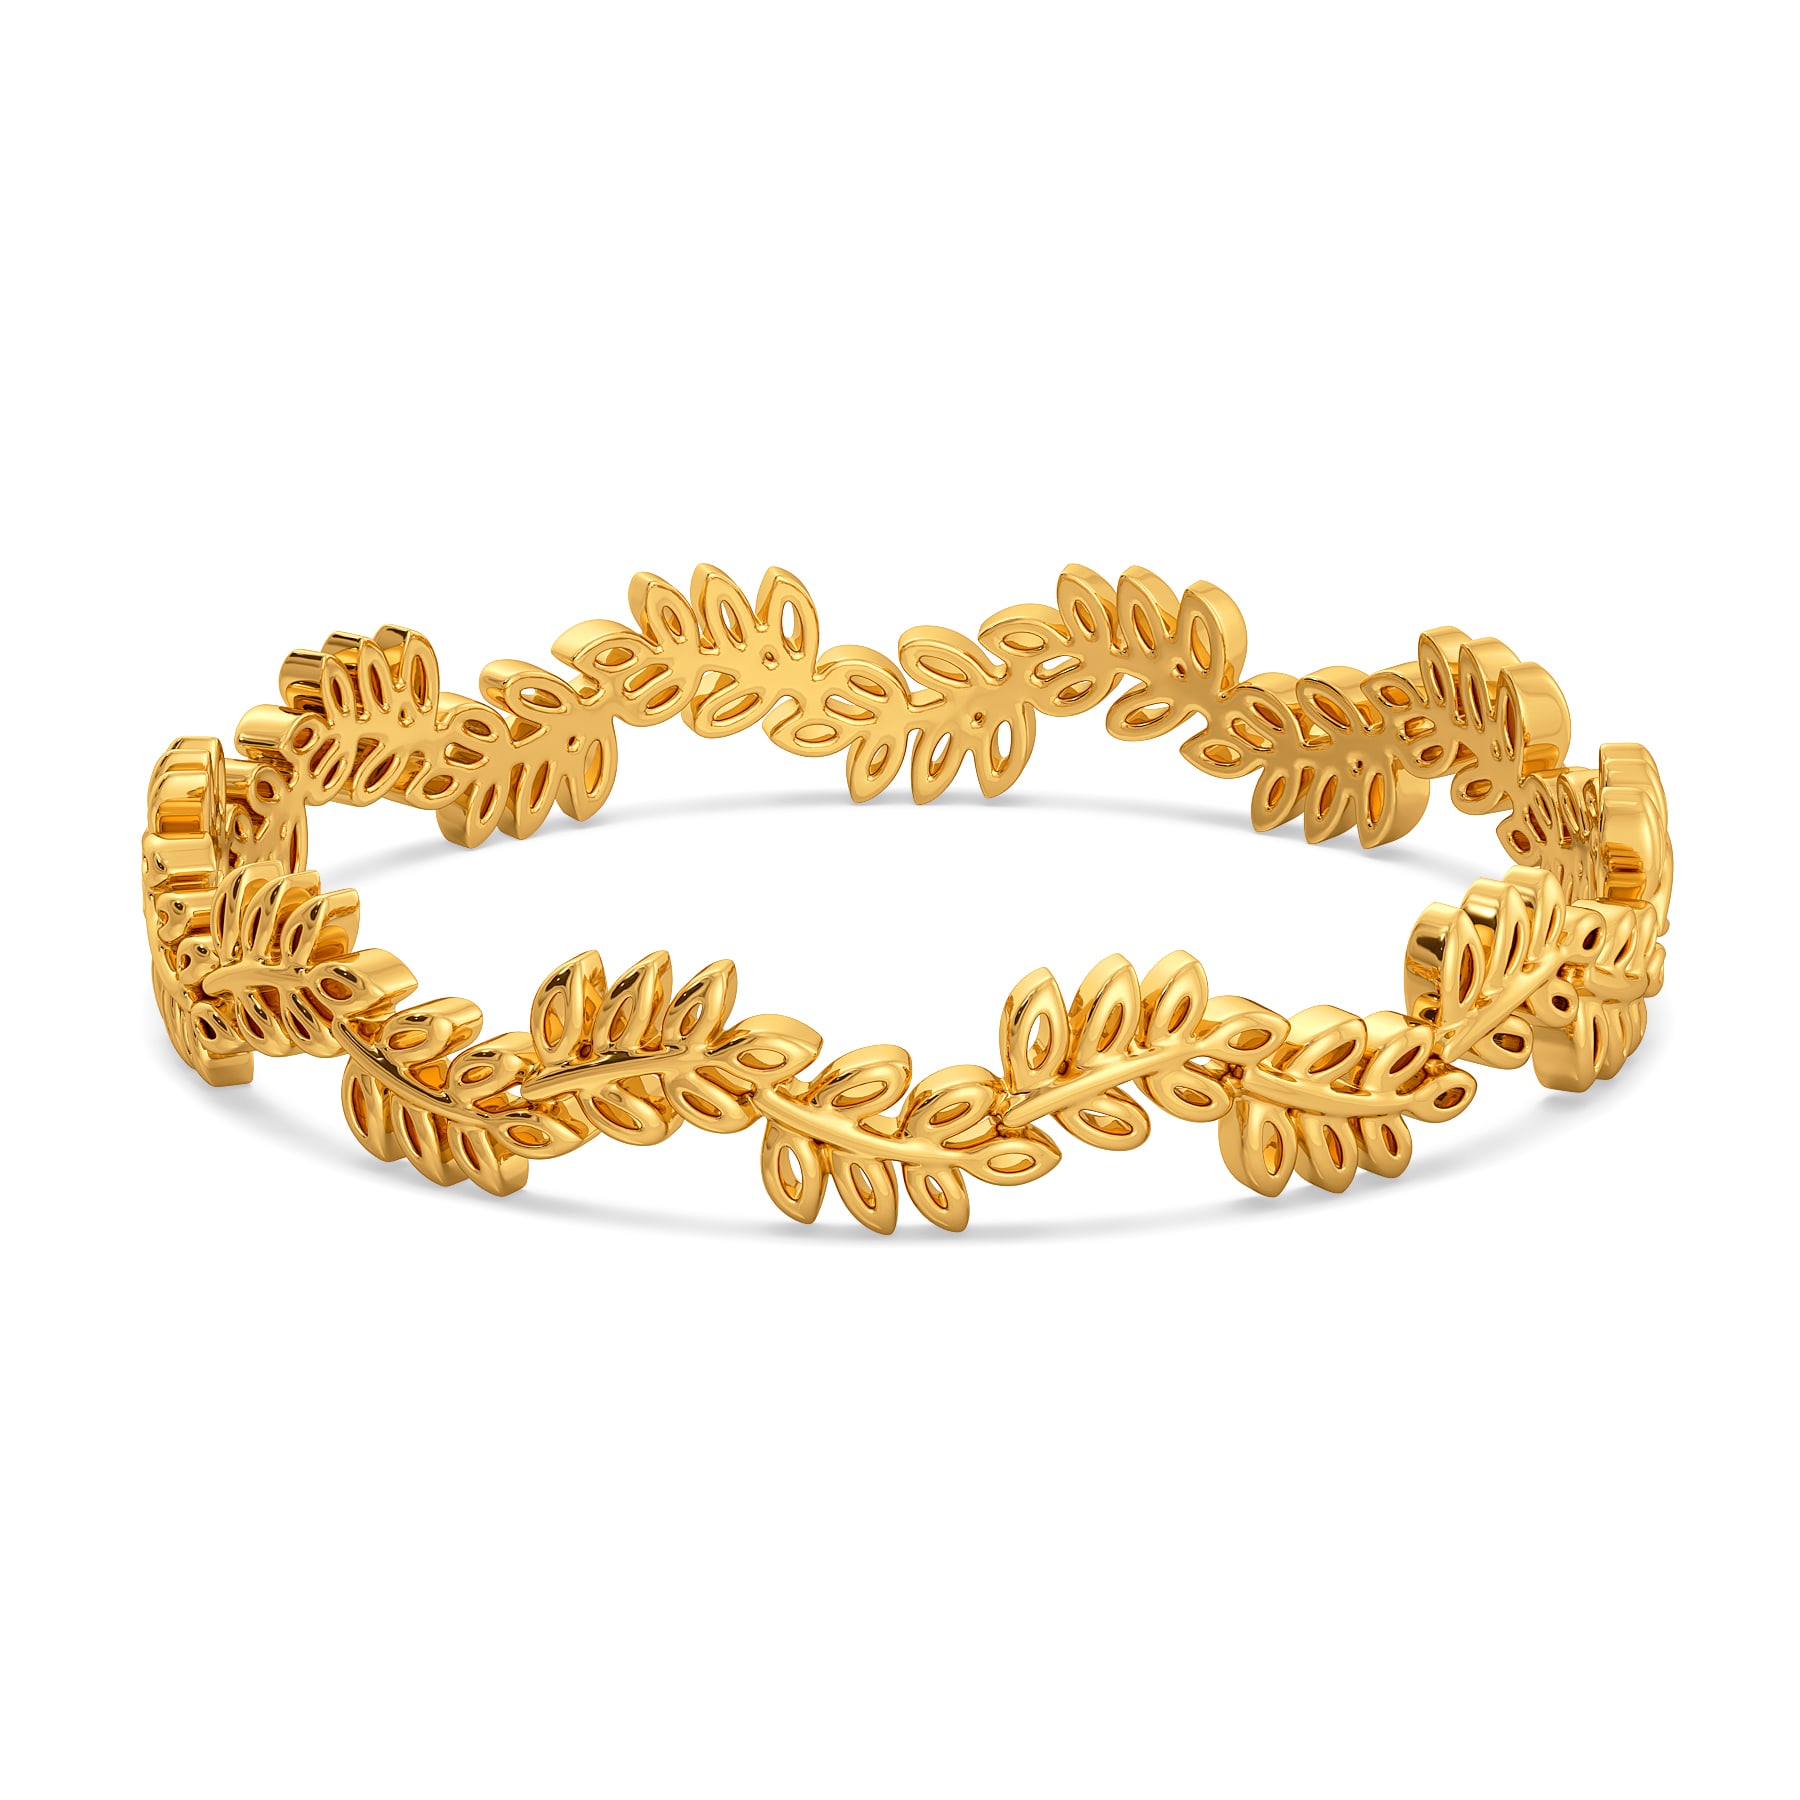 Gaia's Gift Gold Bangles